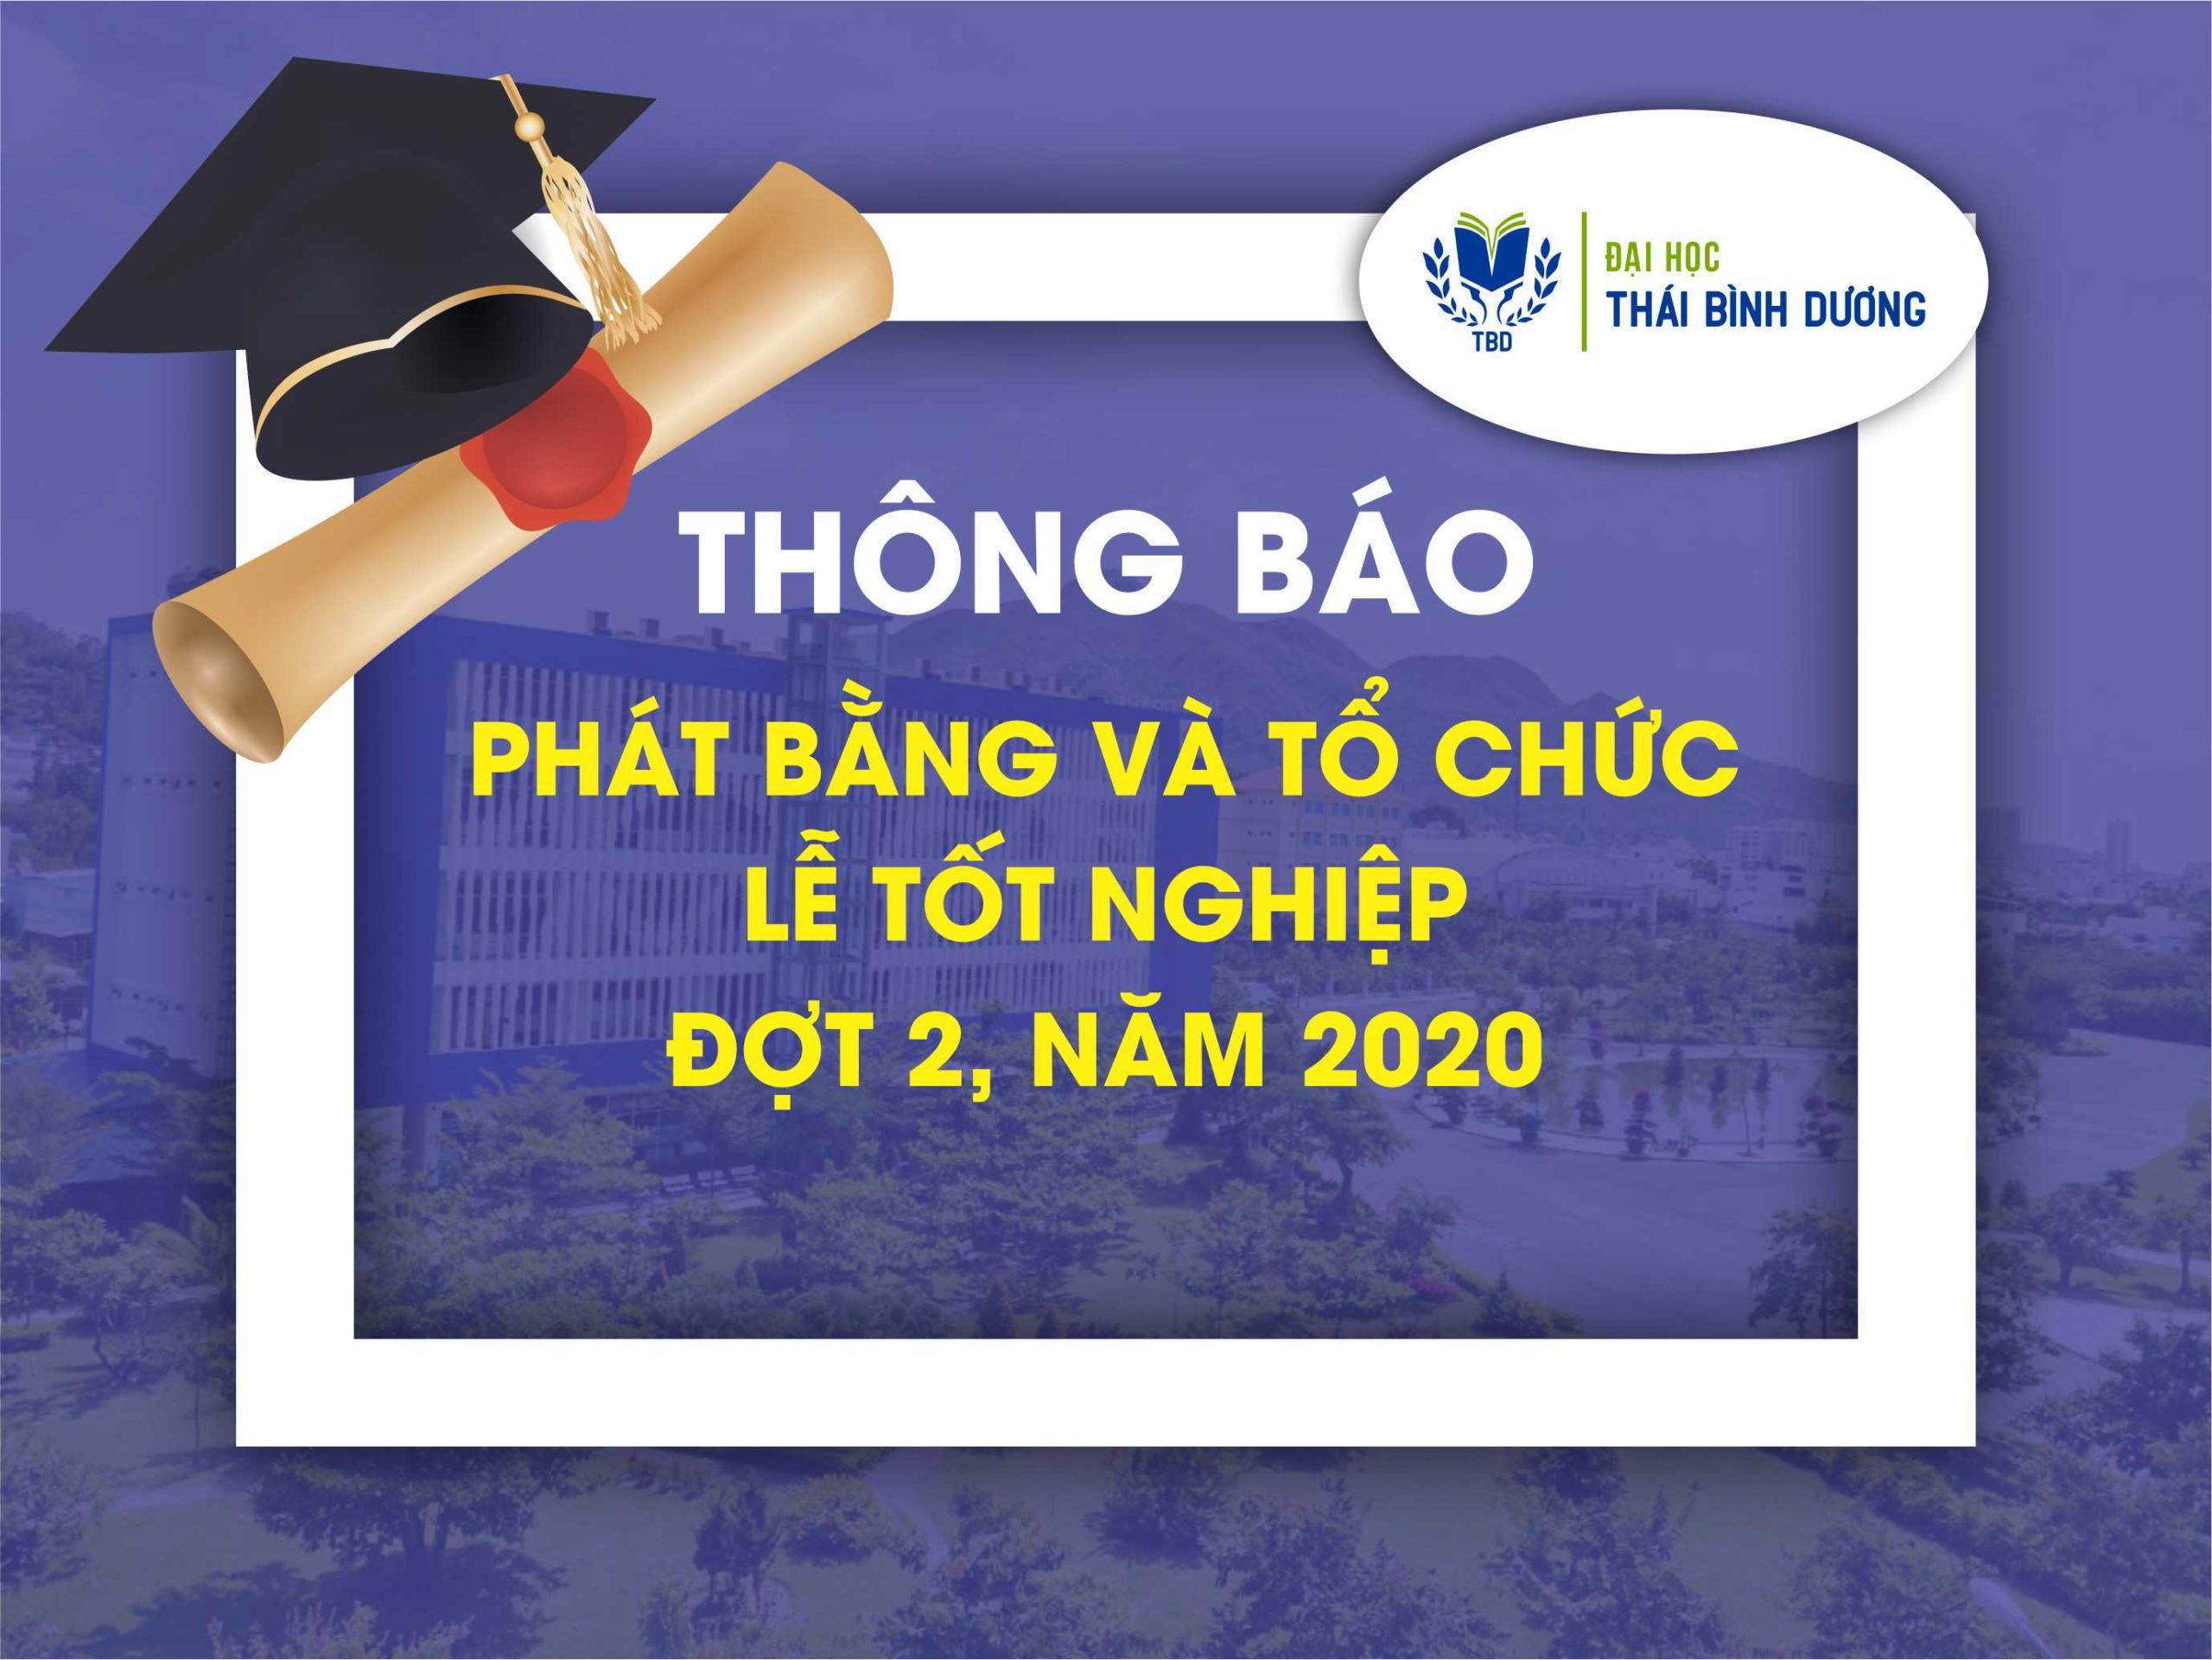 Thông báo về việc phát bằng và tổ chức Lễ tốt nghiệp đợt 2 – 2020